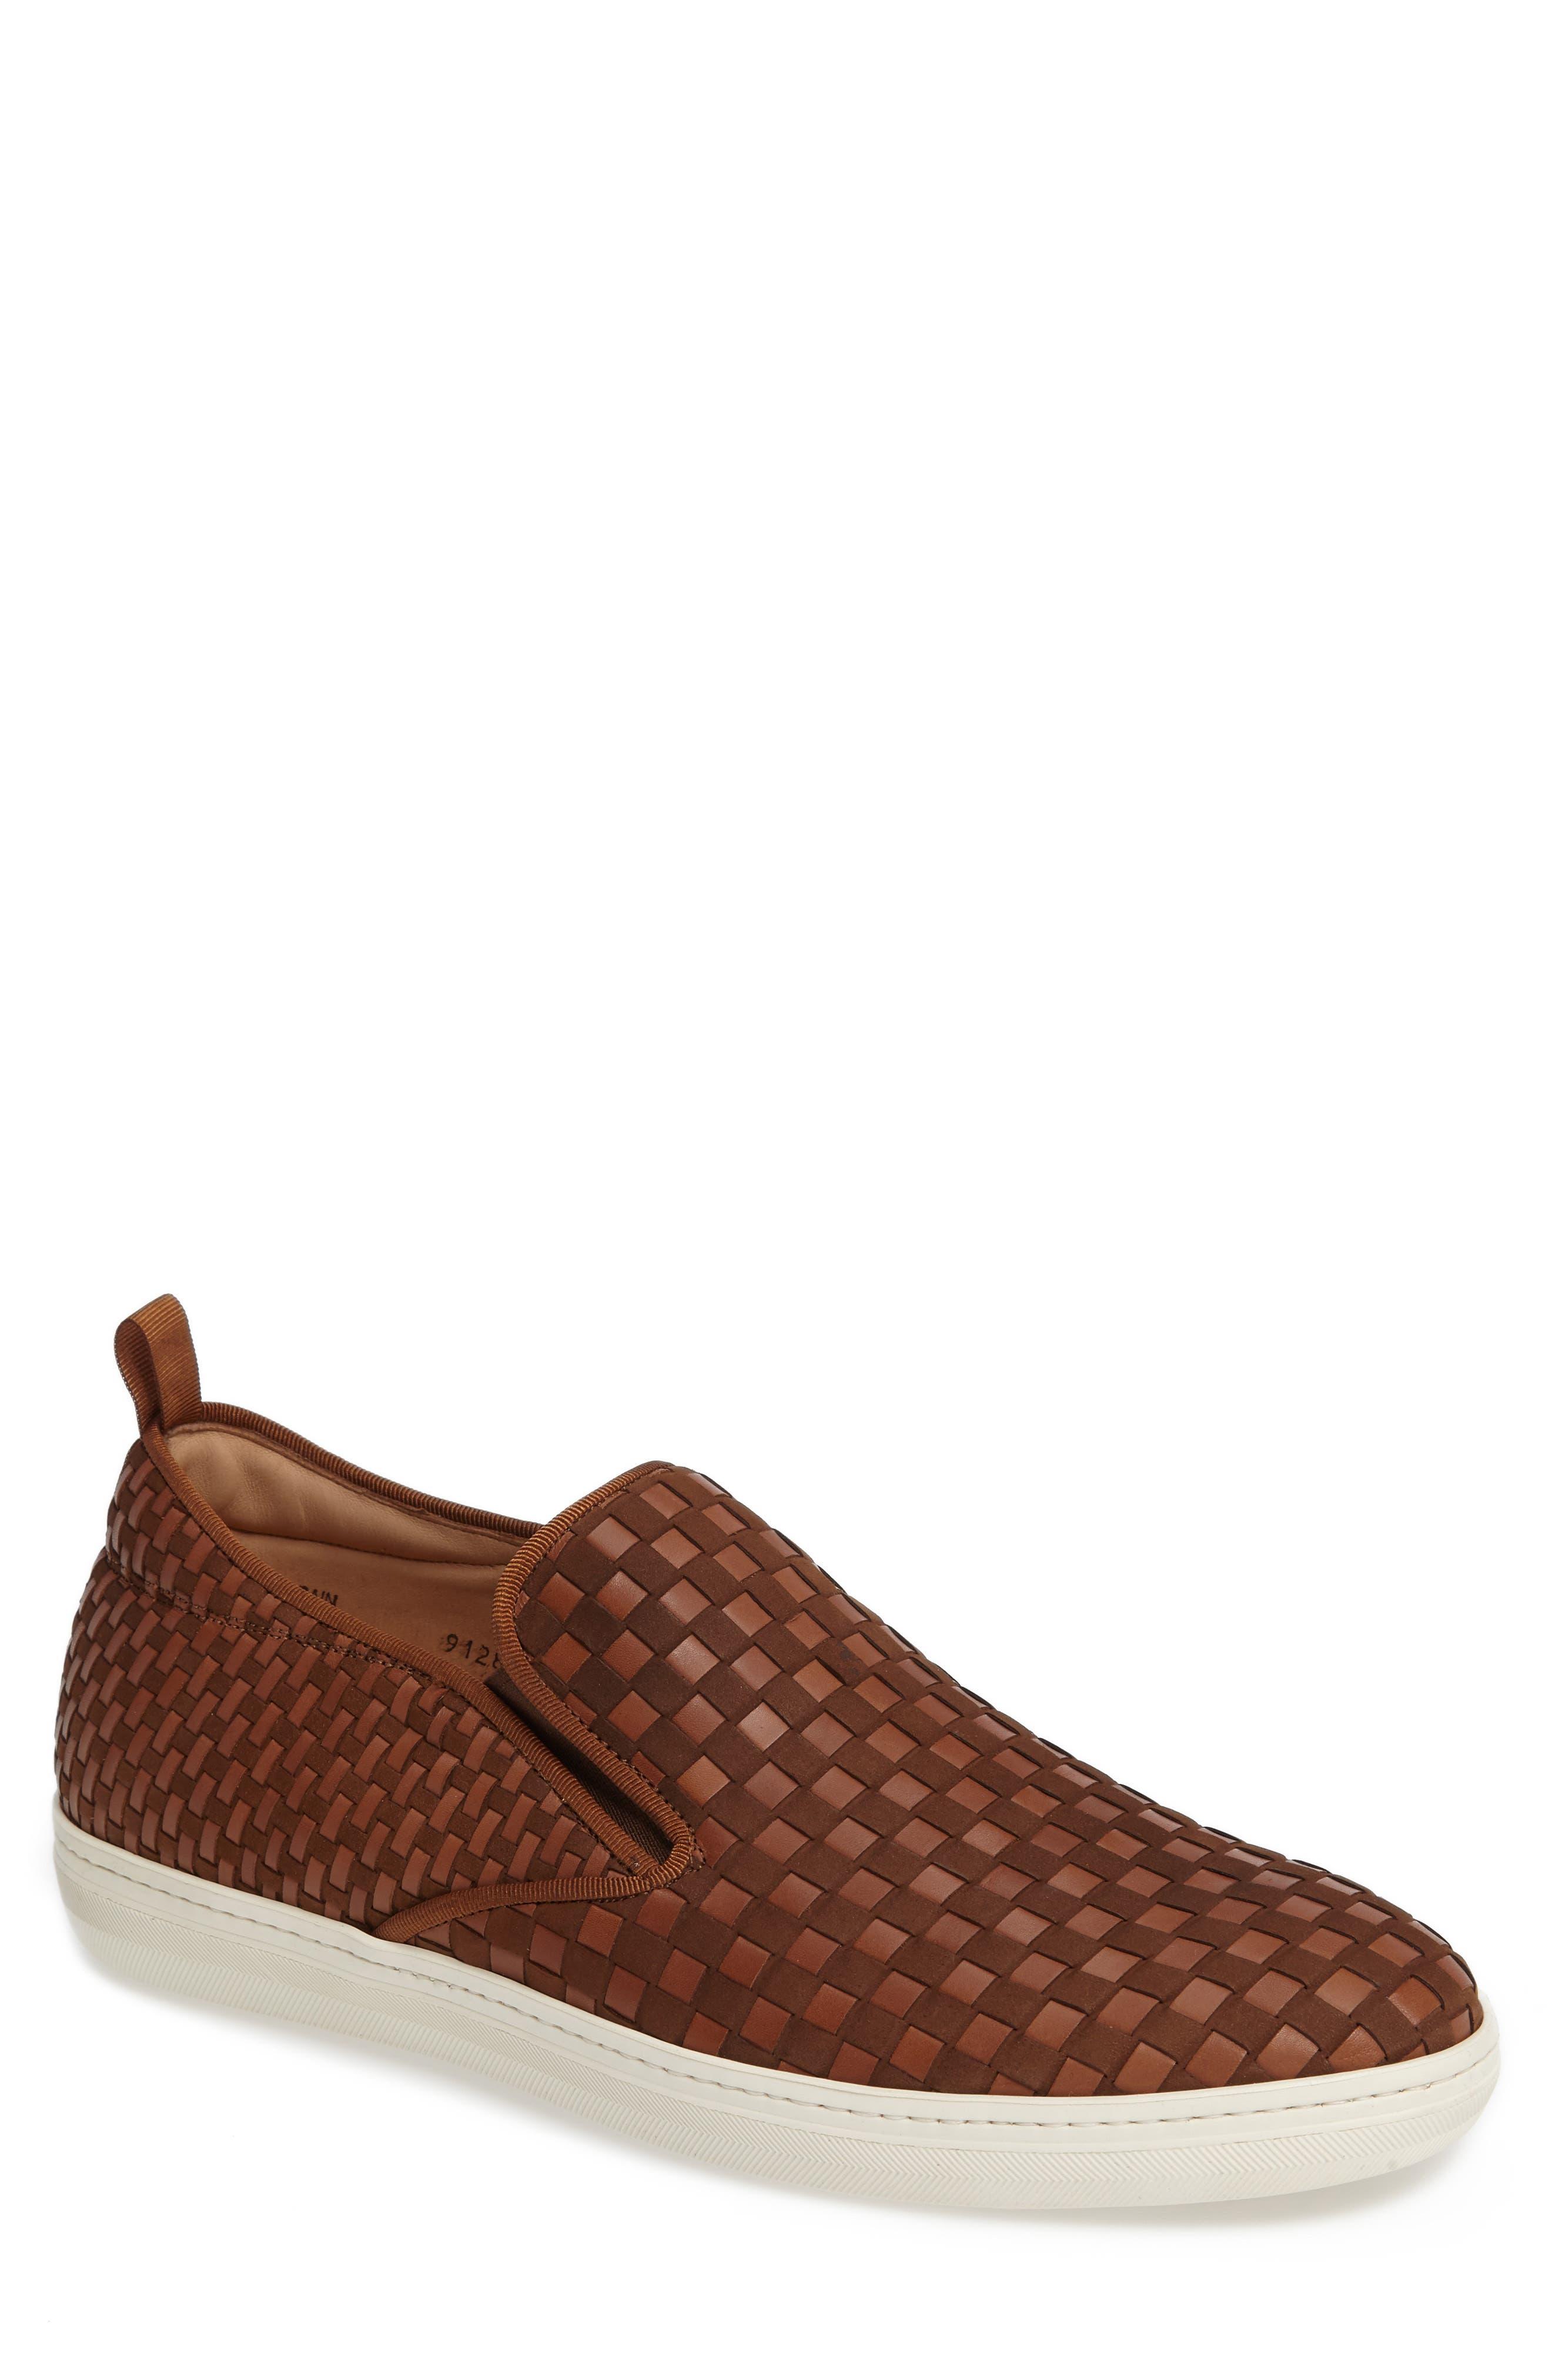 Fermi Slip-On,                         Main,                         color, Tobacco Leather